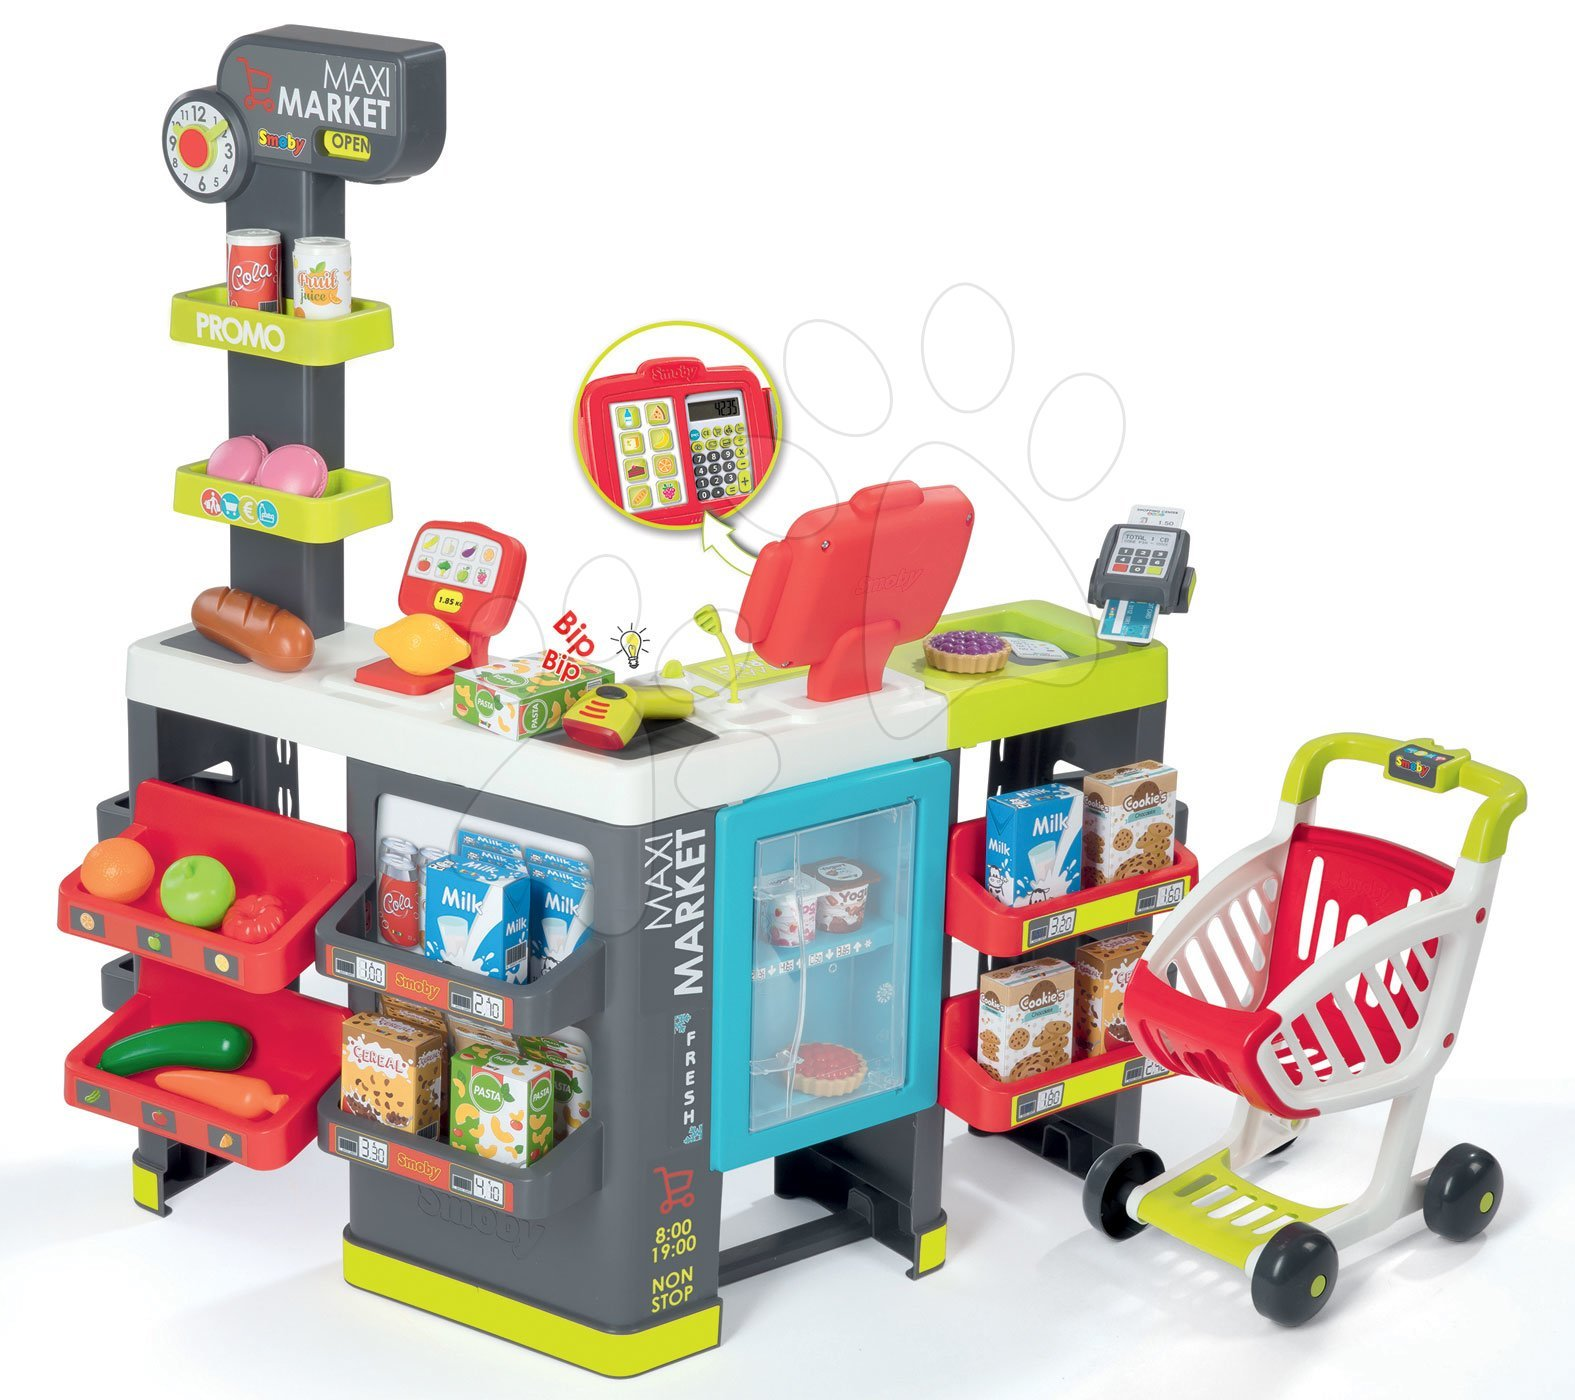 Supermarket mixt Maxi Market Smoby cu frigider, casă de marcat electronică, cititor de cod de bare şi 50 de accesorii